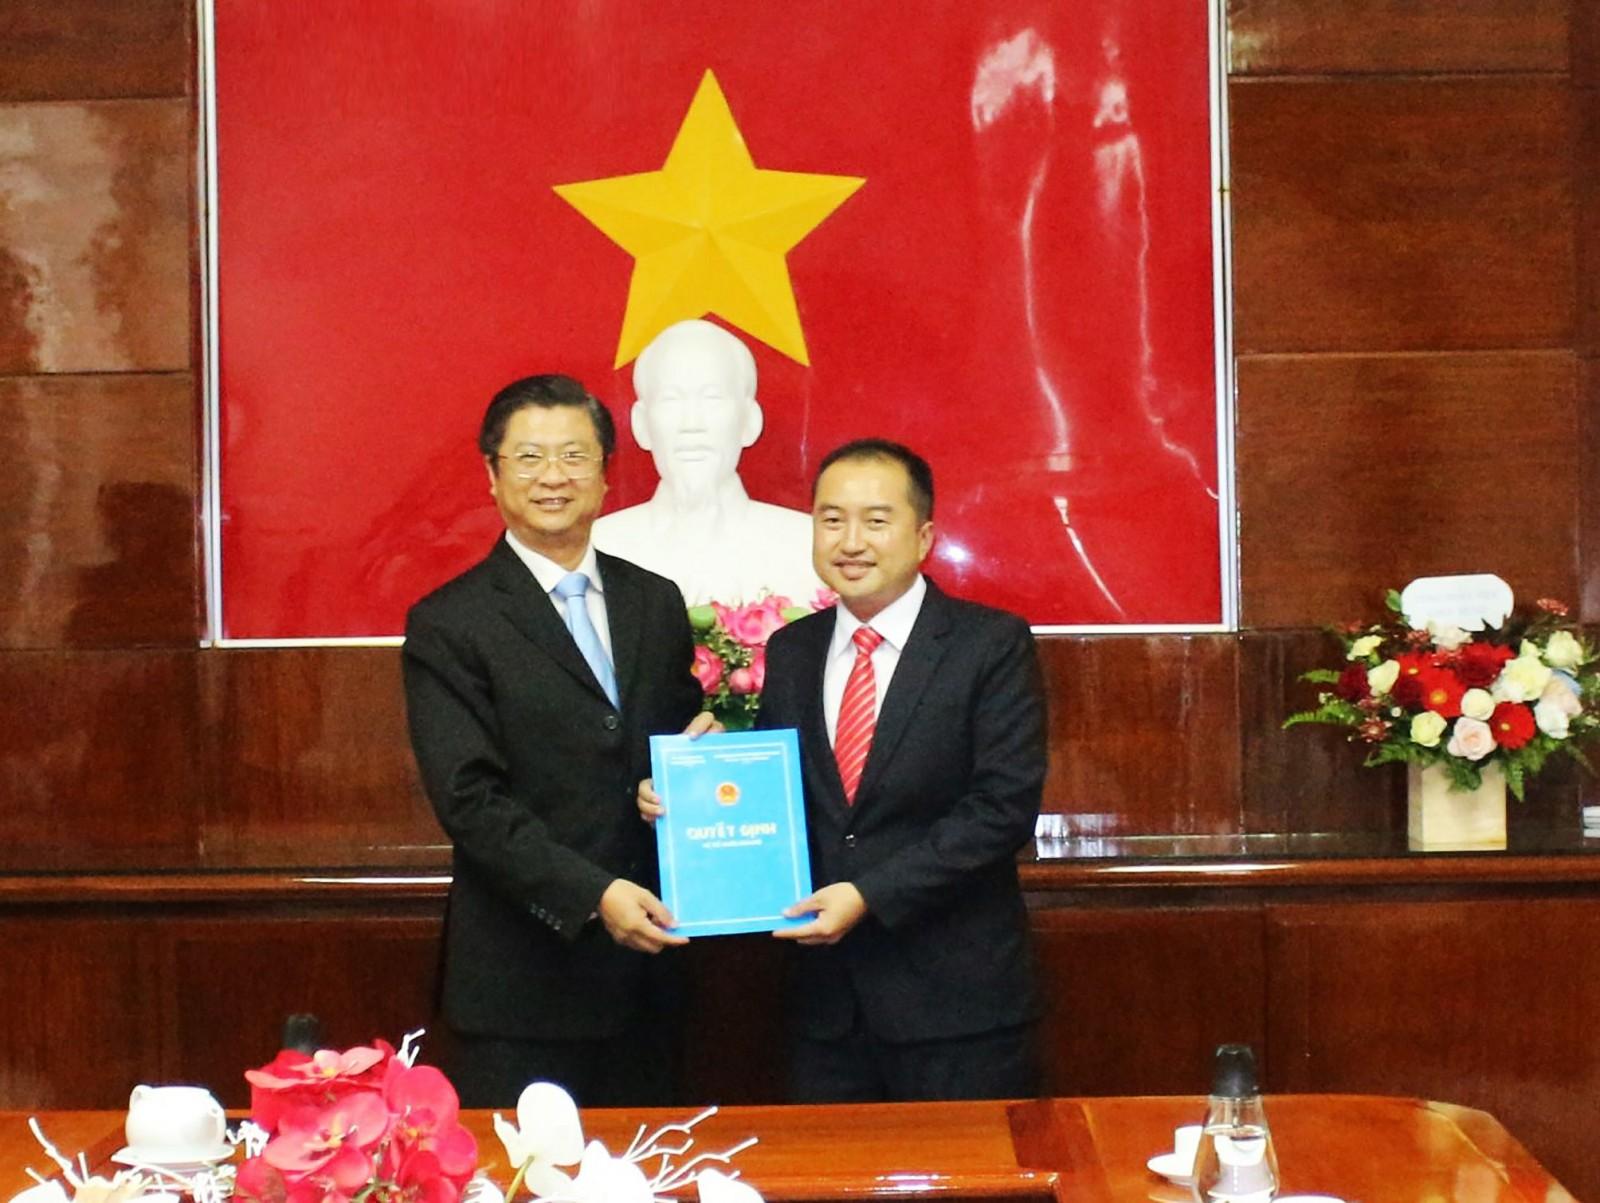 Ông Trương Quang Hoài Nam, Phó Chủ tịch UBND TP Cần Thơ (bên phải), trao quyết định bổ nhiệm chức vụ Viện trưởng Viện Kinh tế - Xã hội TP Cần Thơ cho ông Huỳnh Văn Tùng.